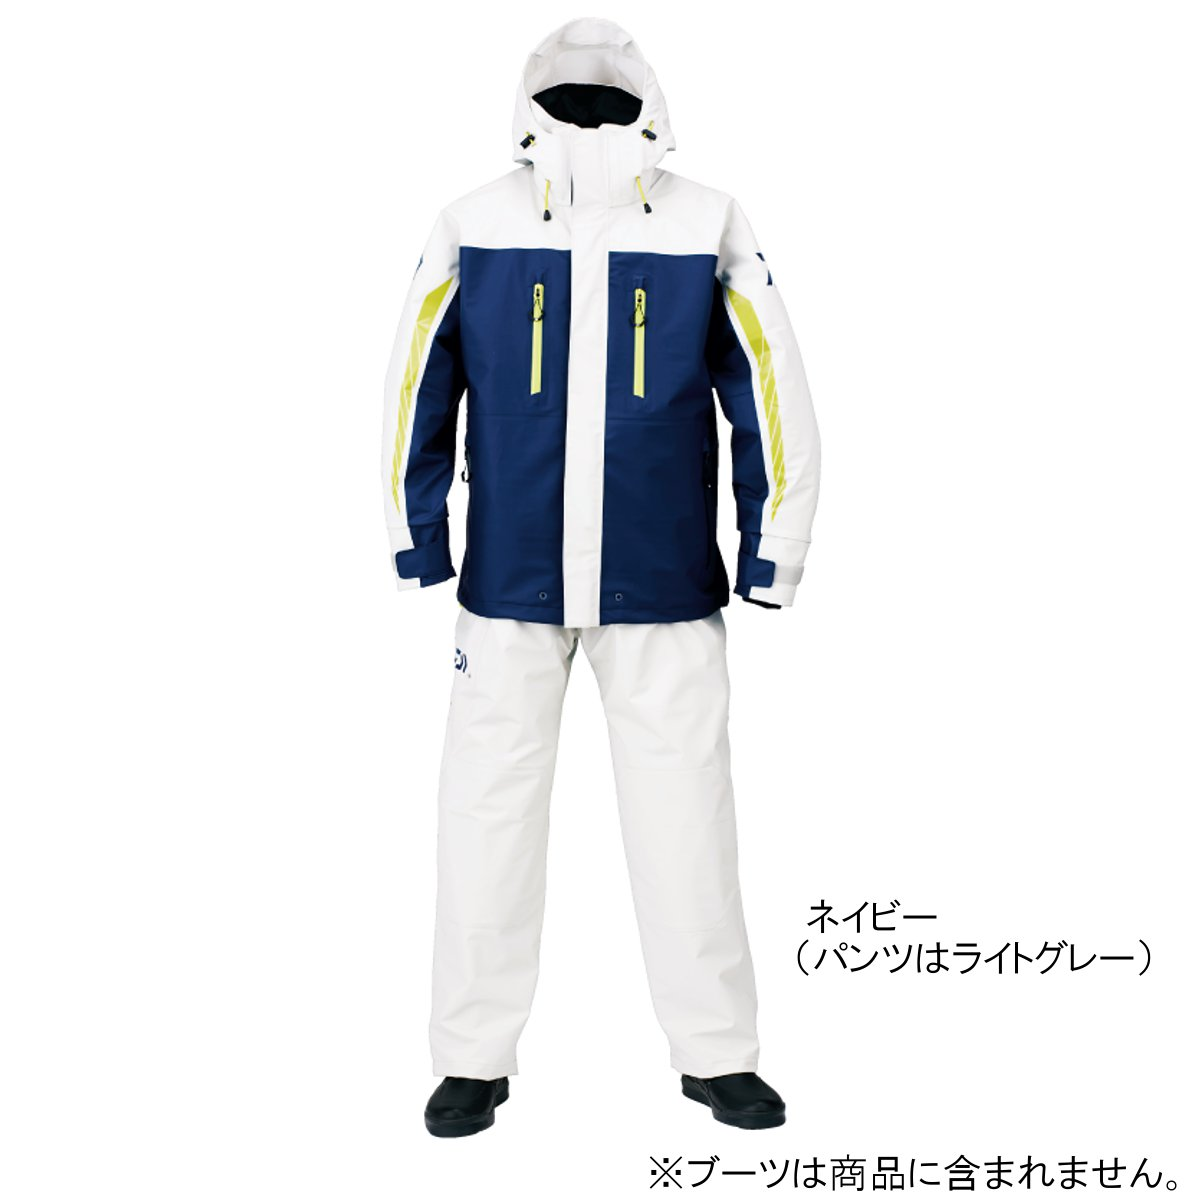 ダイワ PUオーシャンサロペットレインスーツ DR-6007 S ネイビー(東日本店)